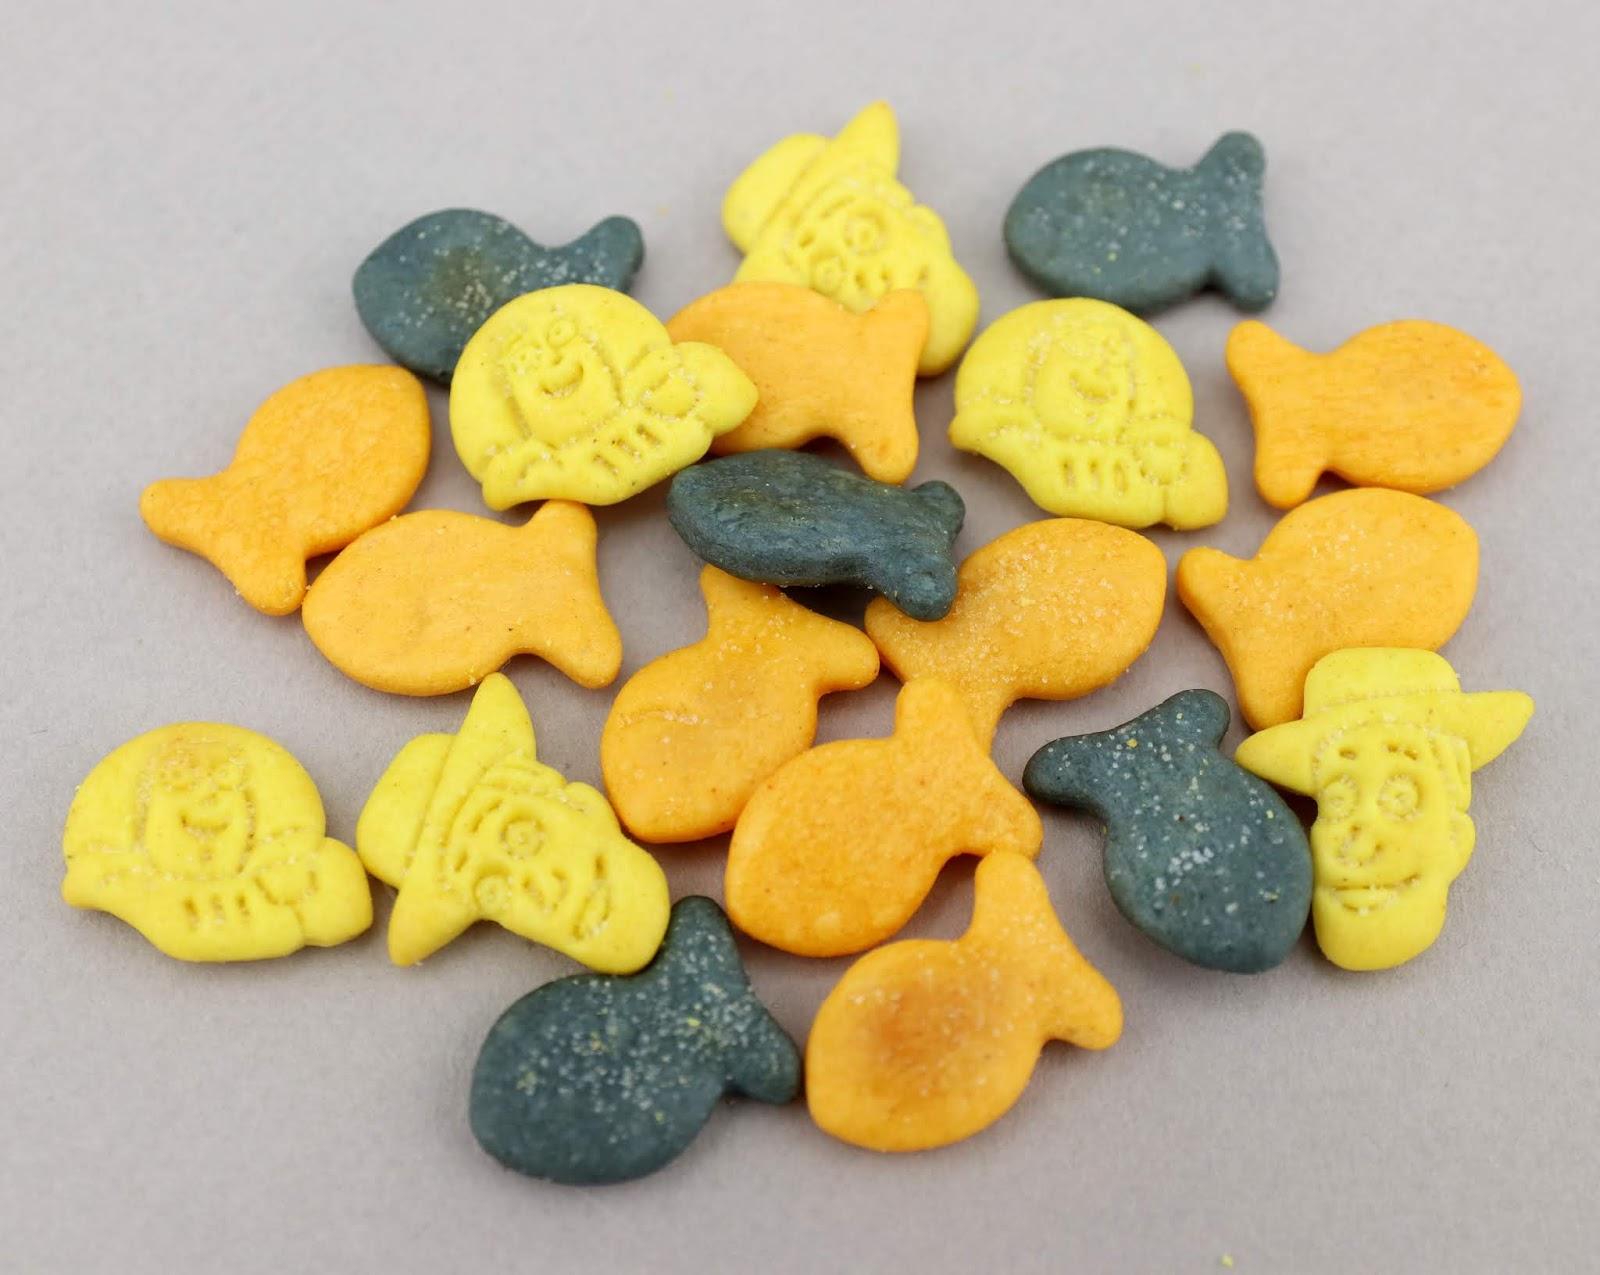 toy story 4 goldfish